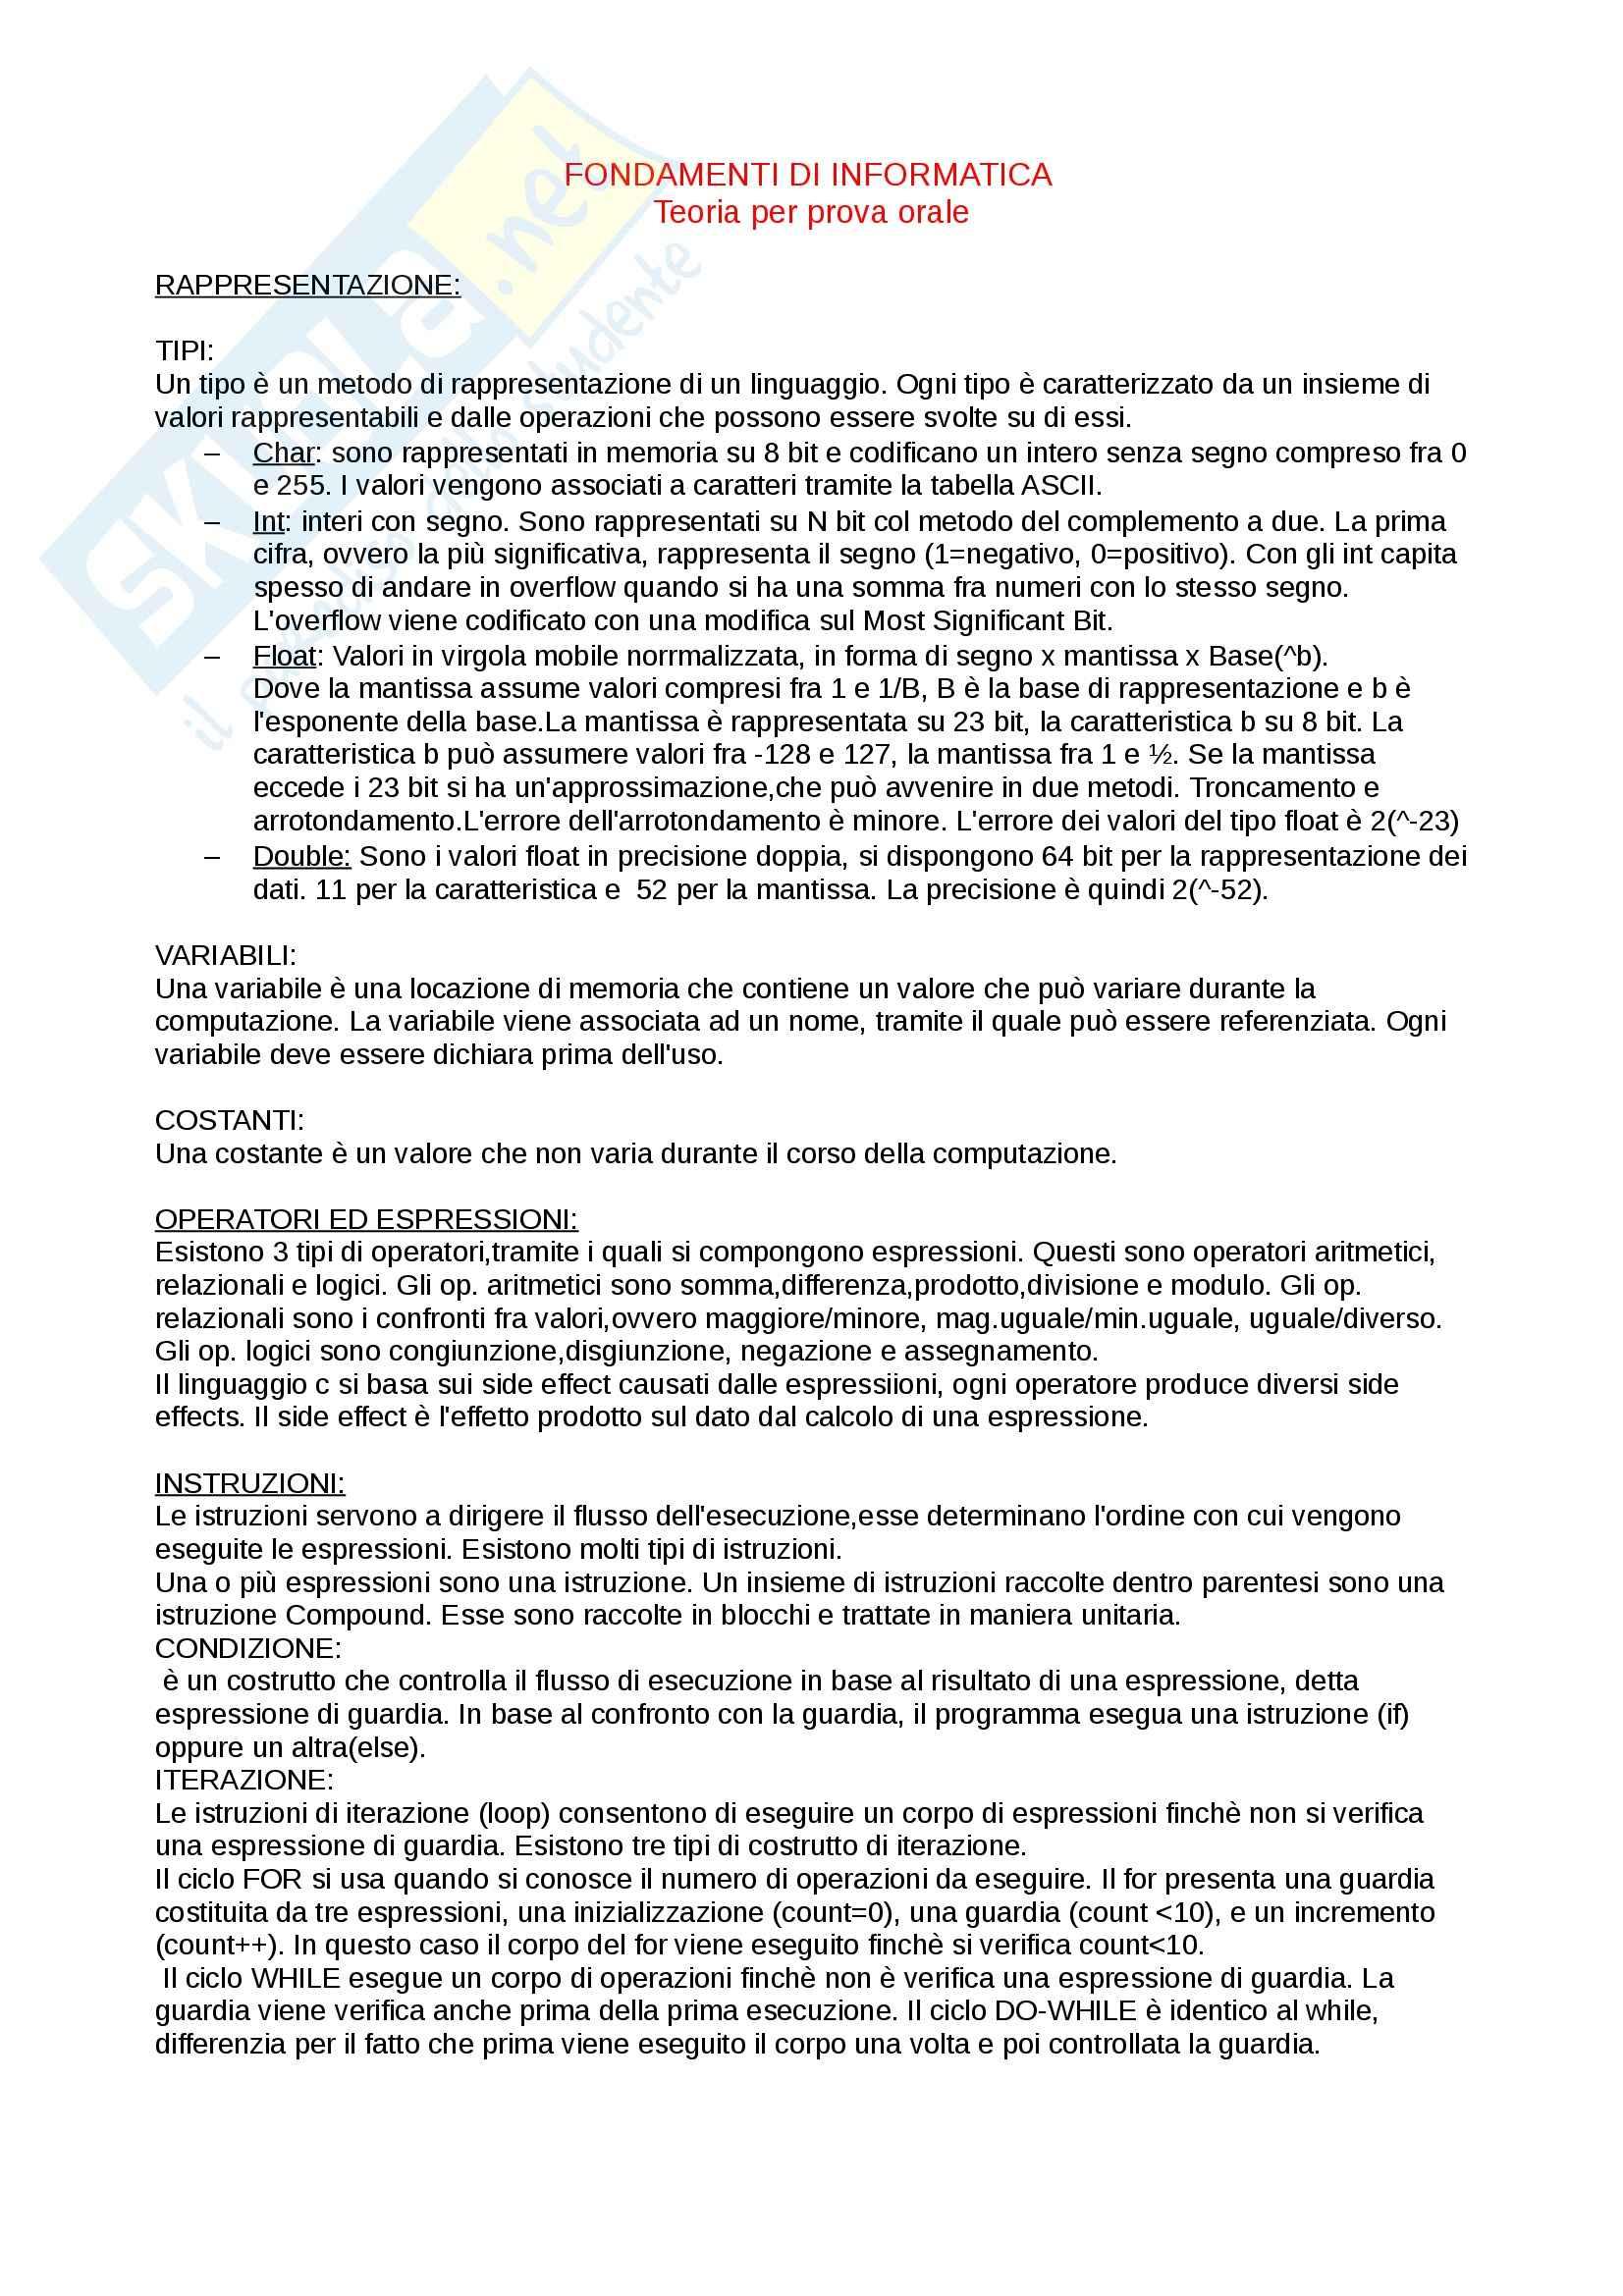 Riassunto esame Informatica, prof. Carnevali, libro consigliato Fondamenti di Programmazione, Vicario: teoria